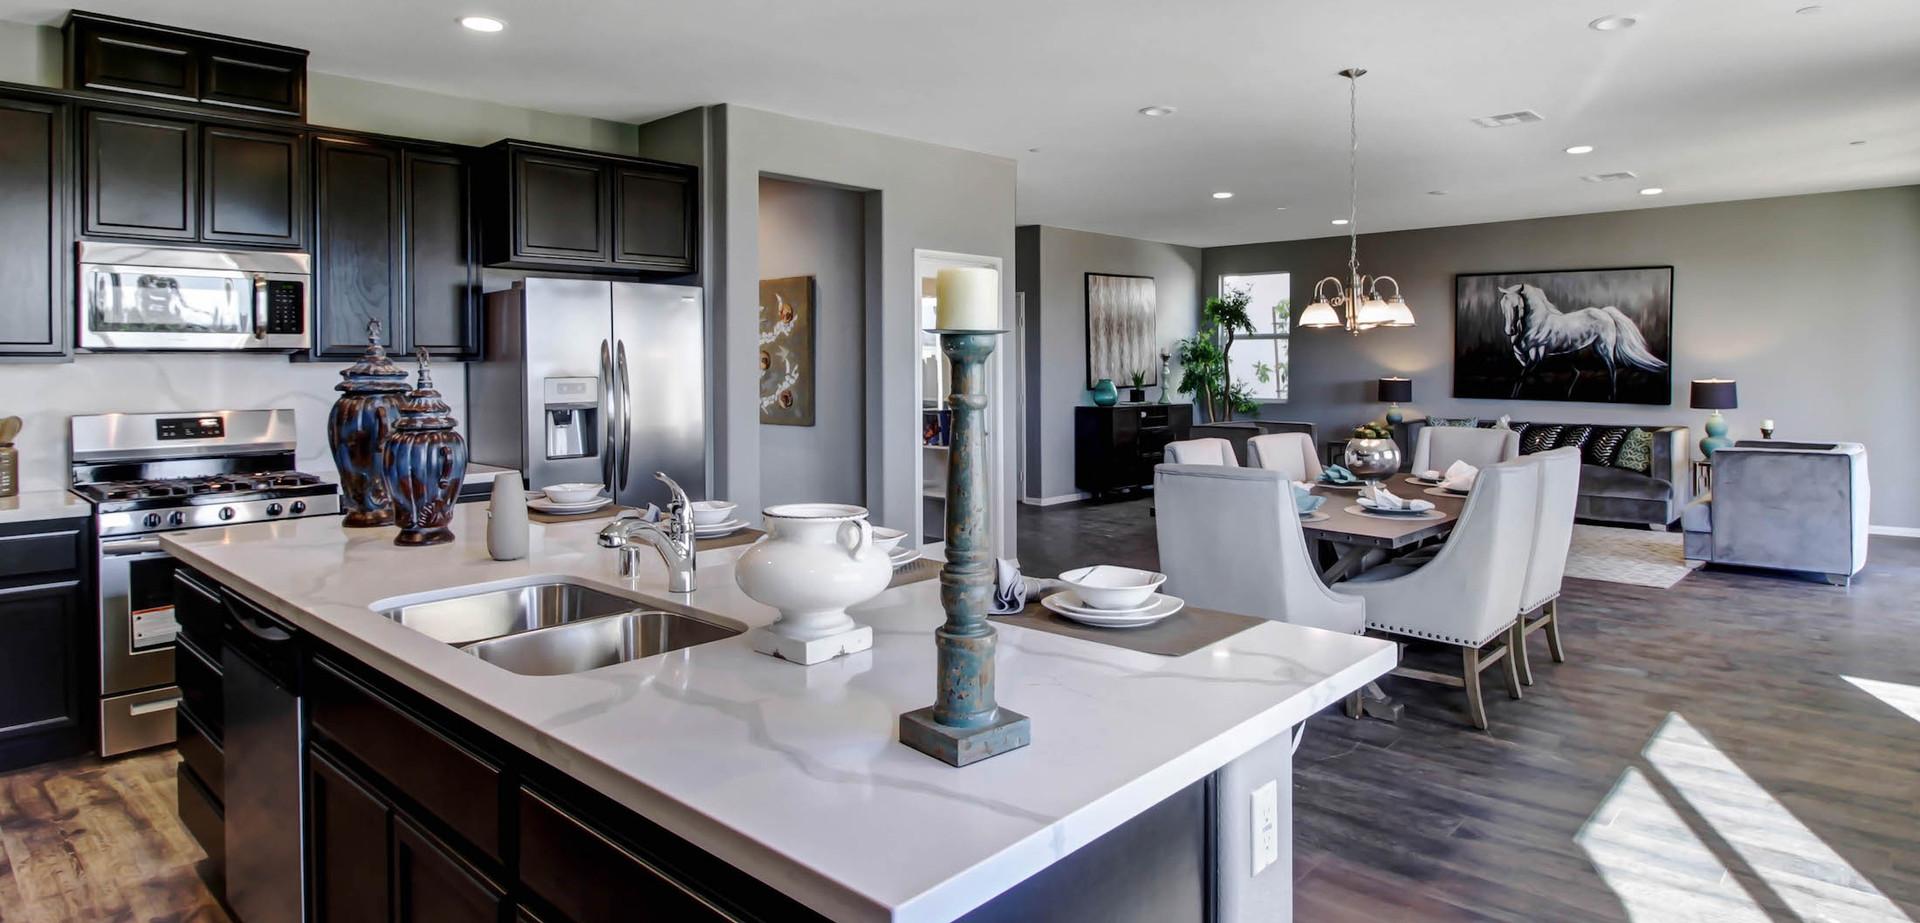 model-1 livingroom-2 2200x1500.jpg